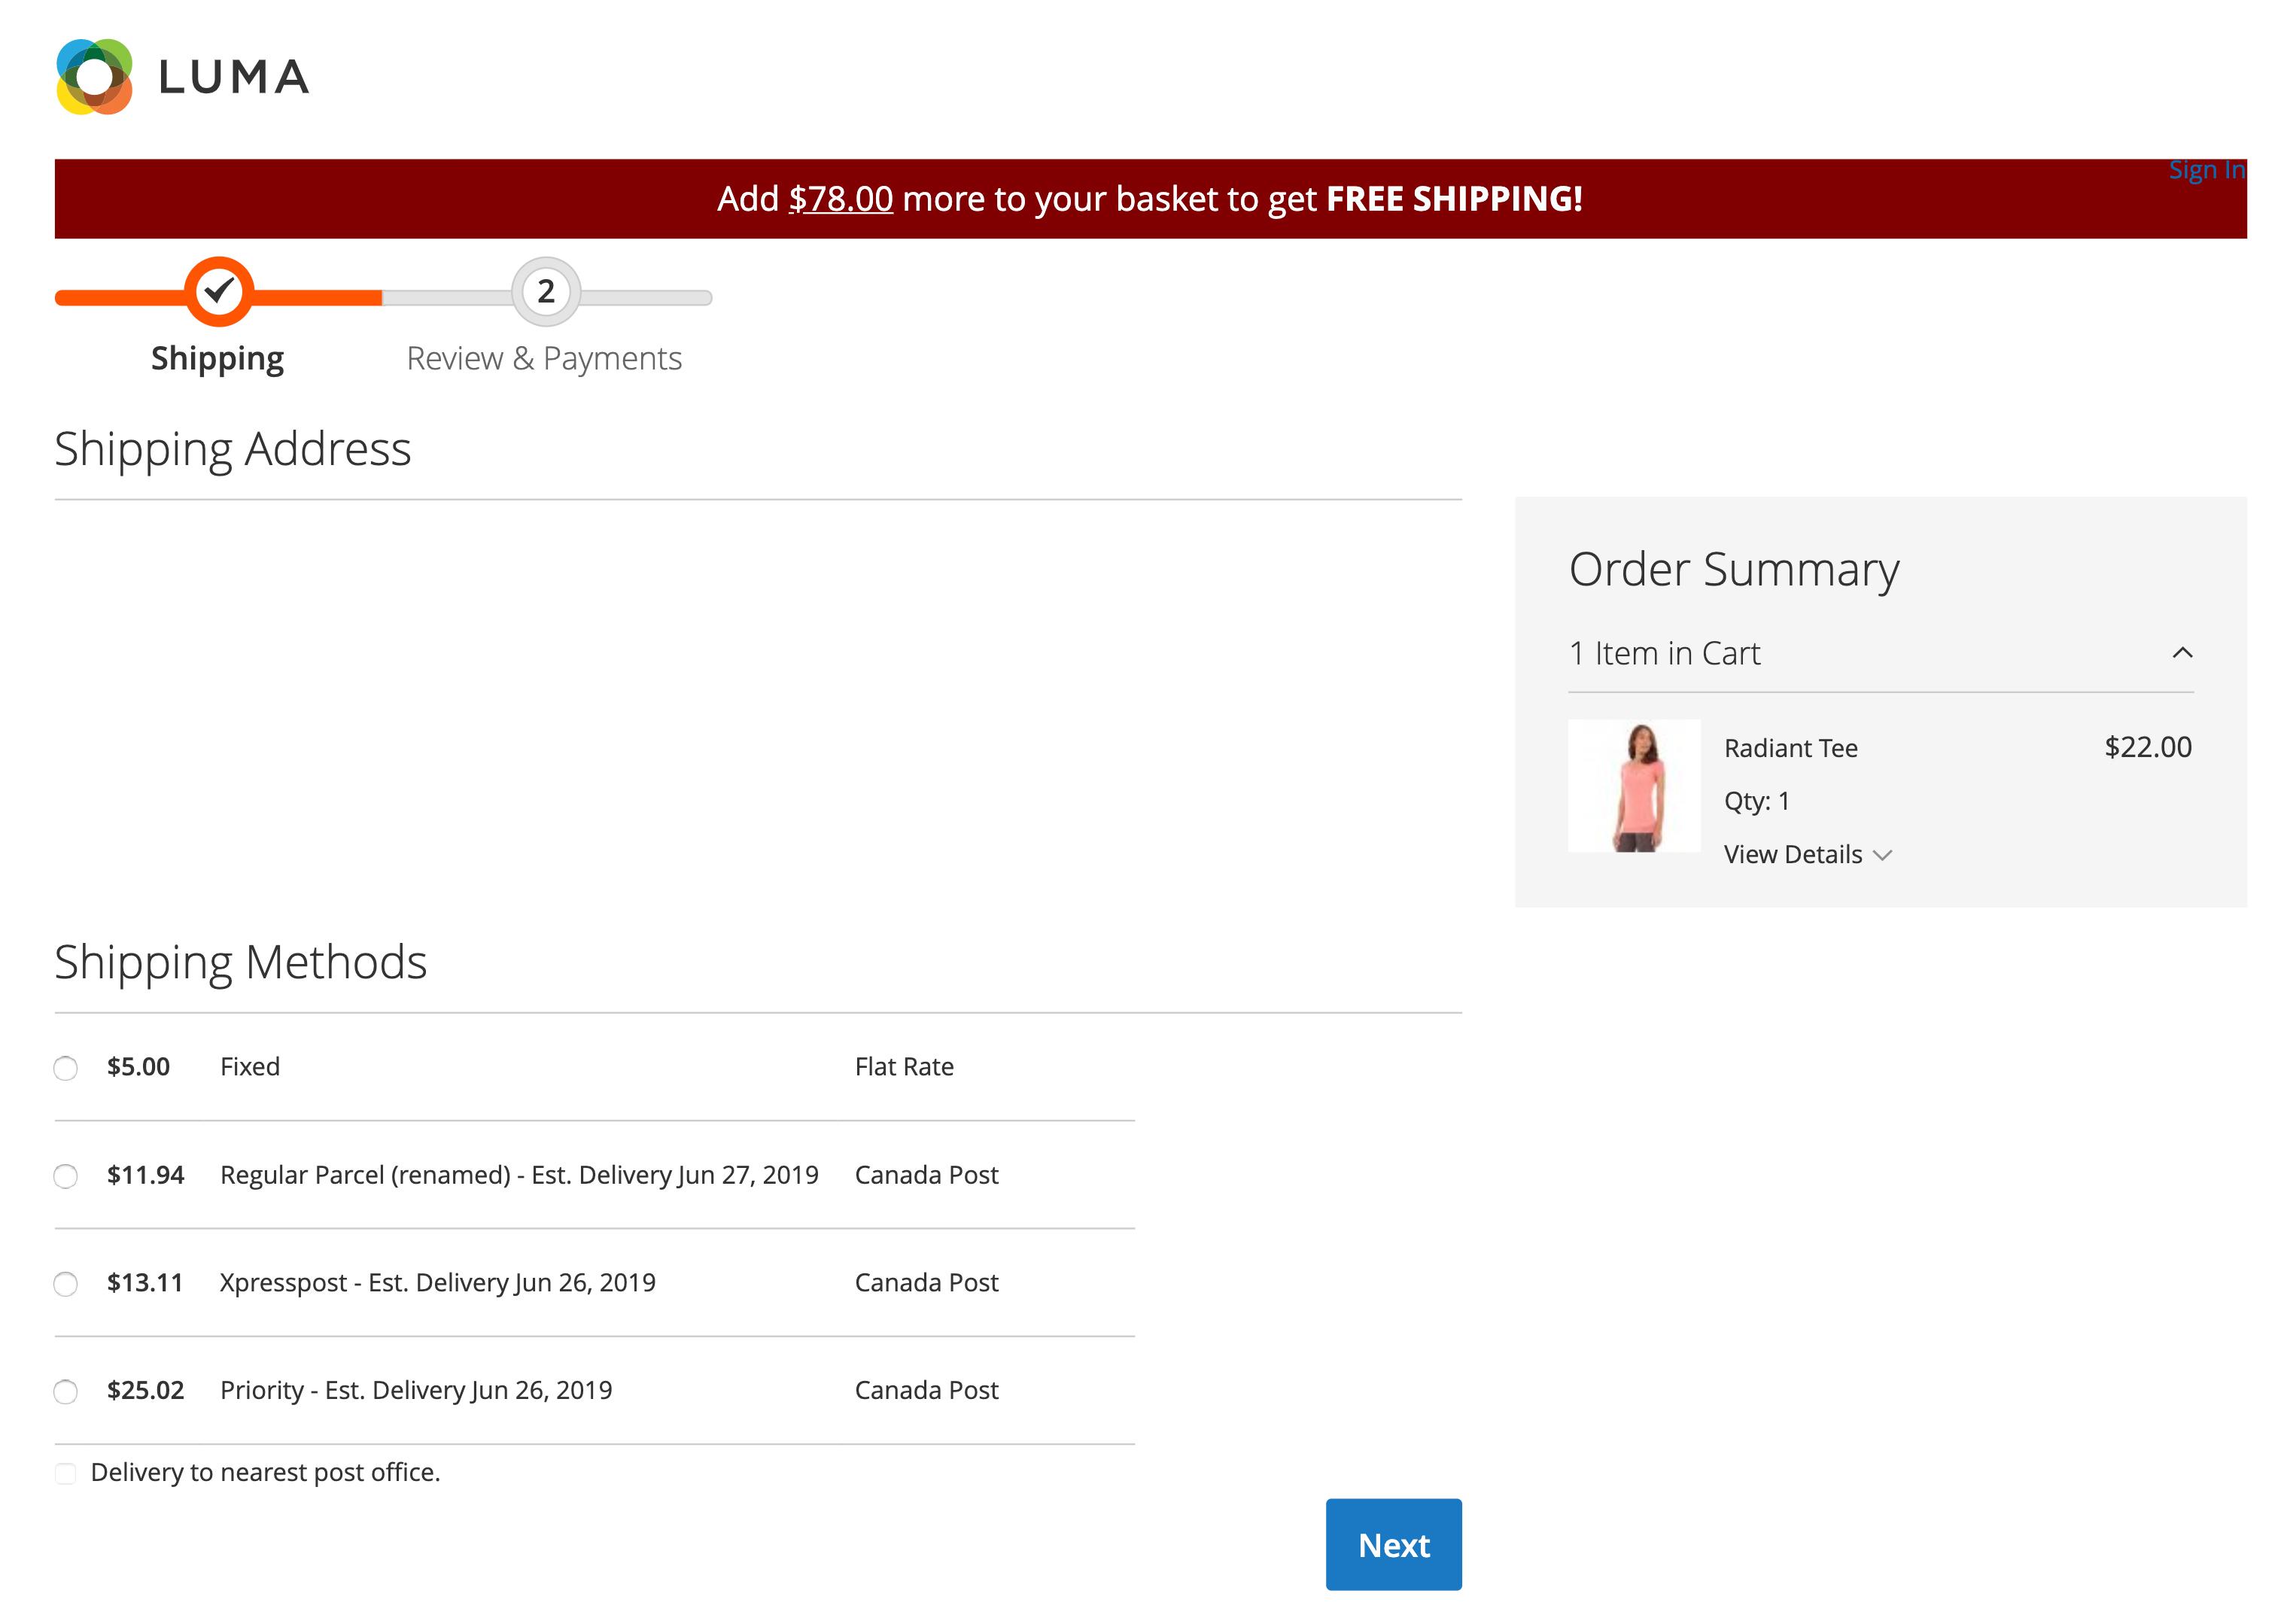 La page de paiement de la commande LUMA, une boutique en ligne, affiche les frais d'expédition et les dates de livraison. (En anglais seulement)